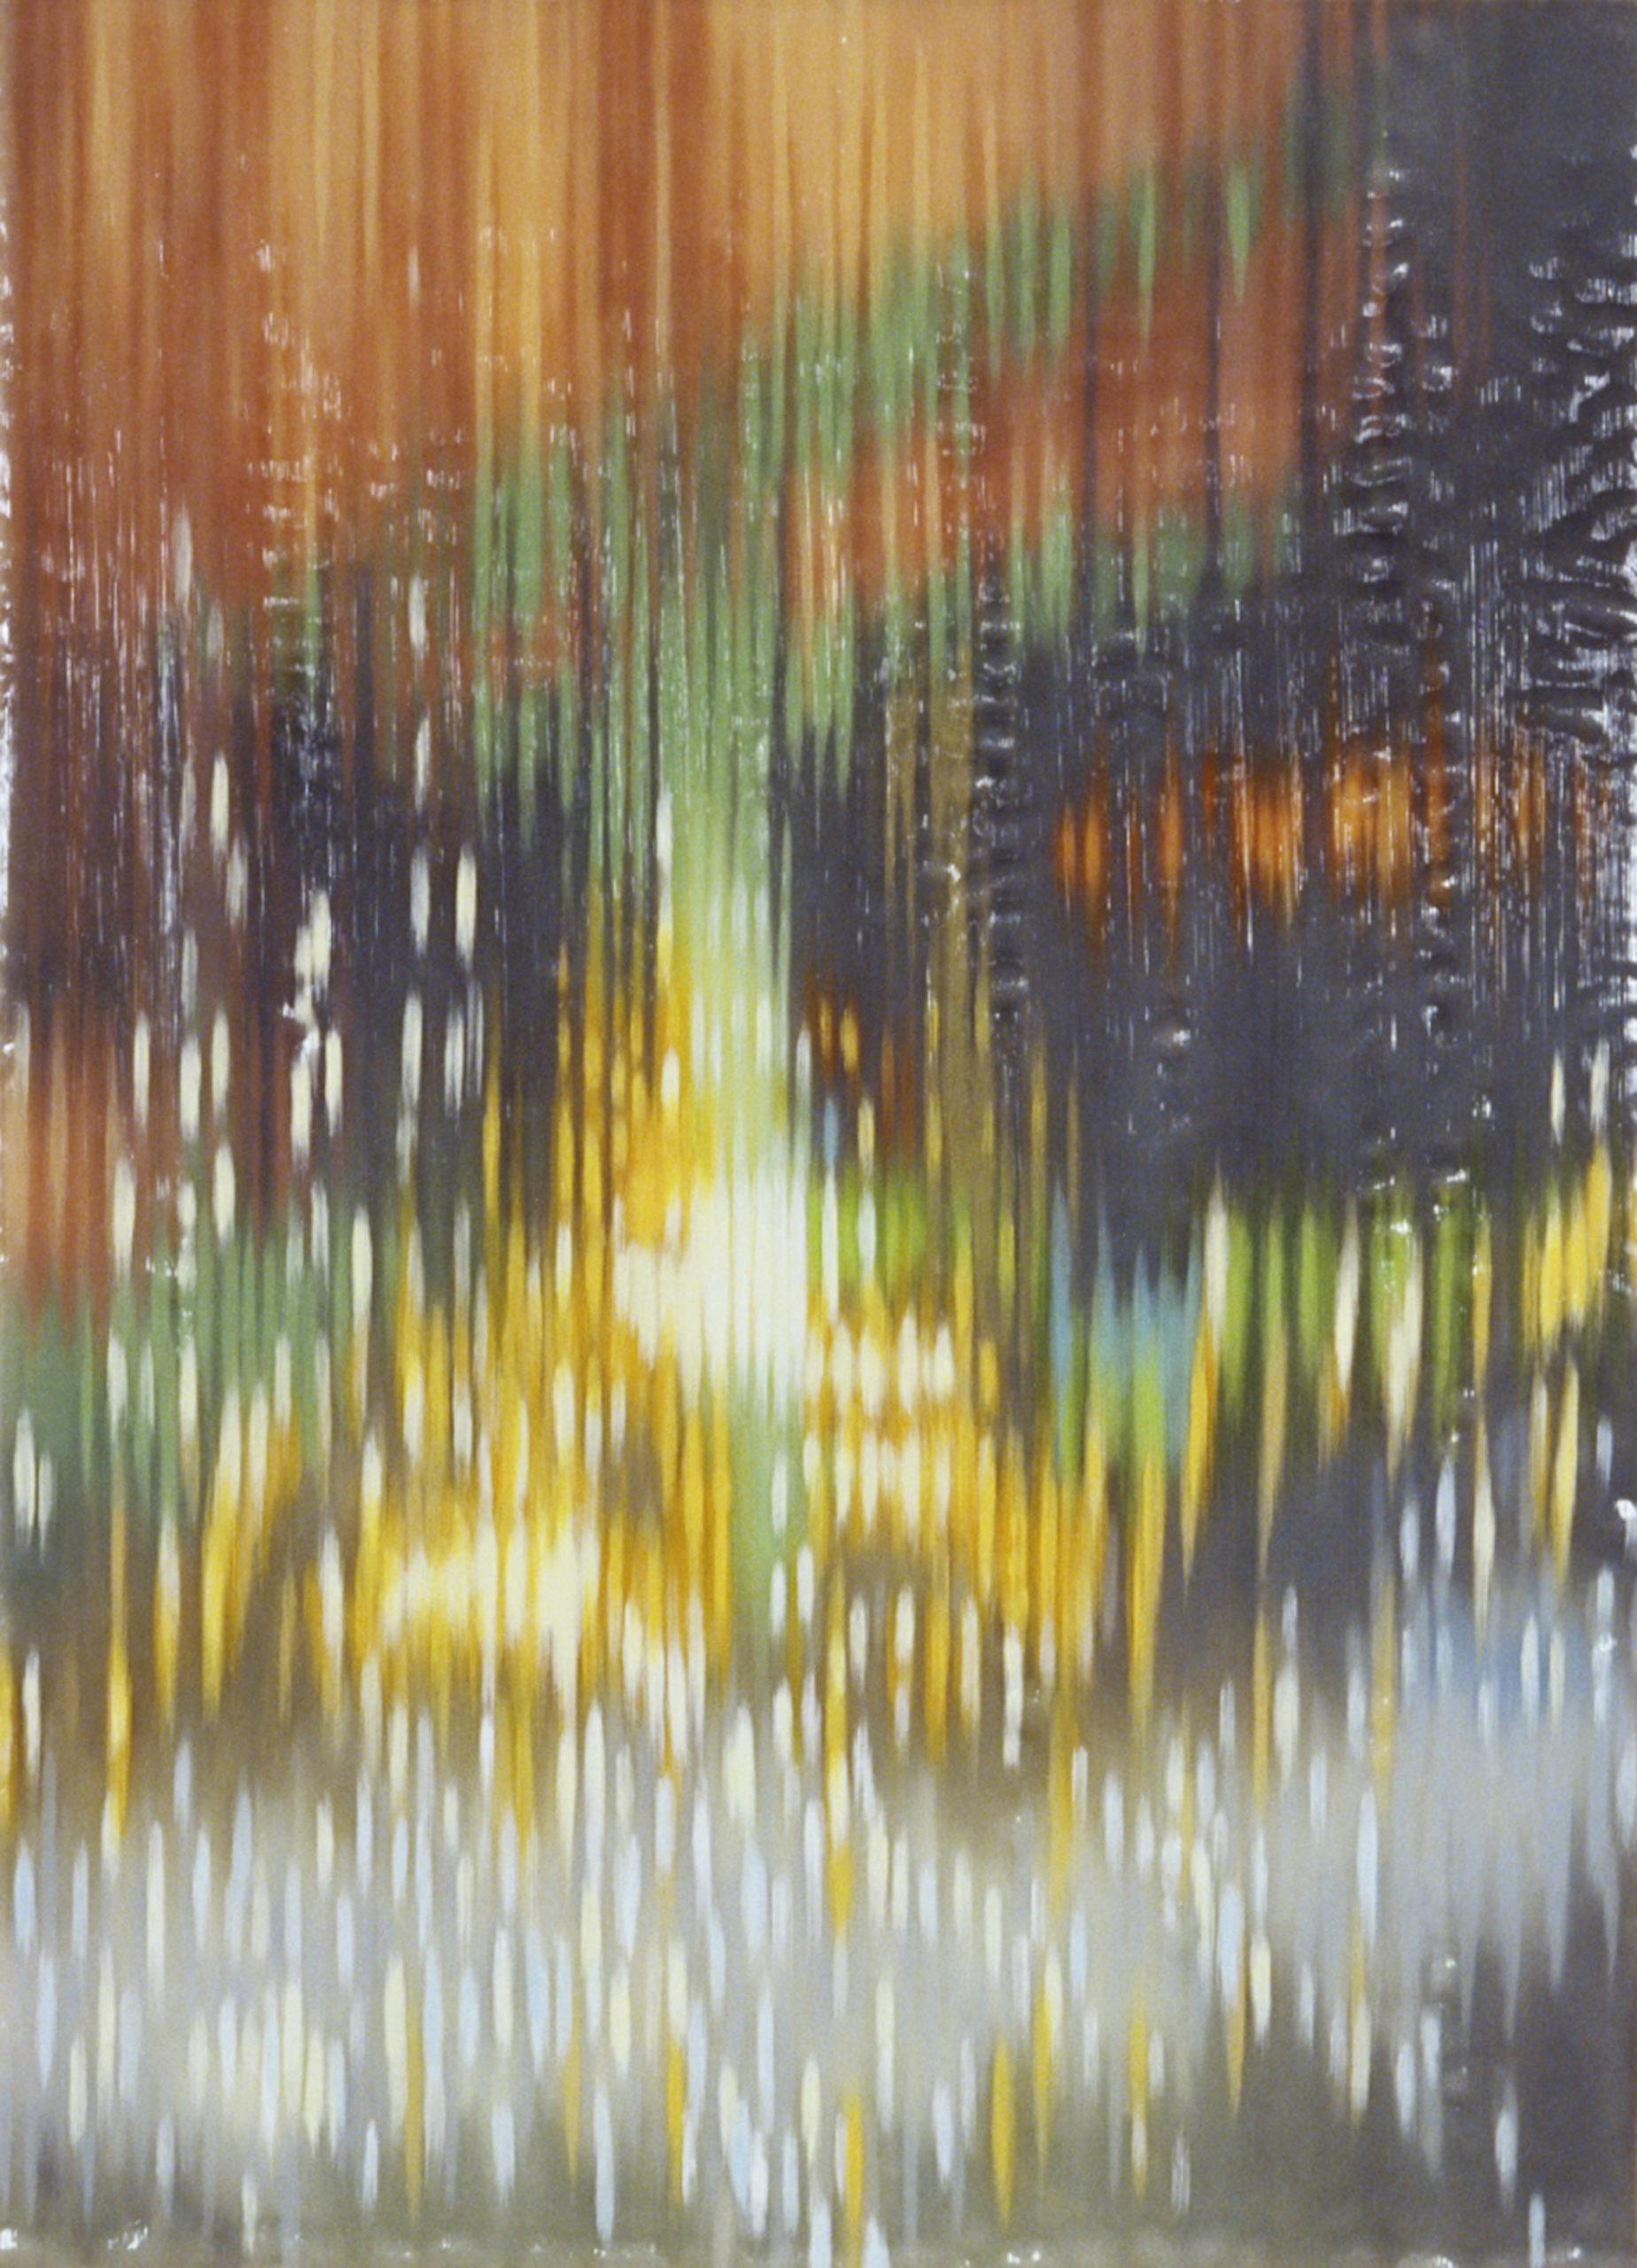 Night Fountain III 2007 acrylic on board 36x26in